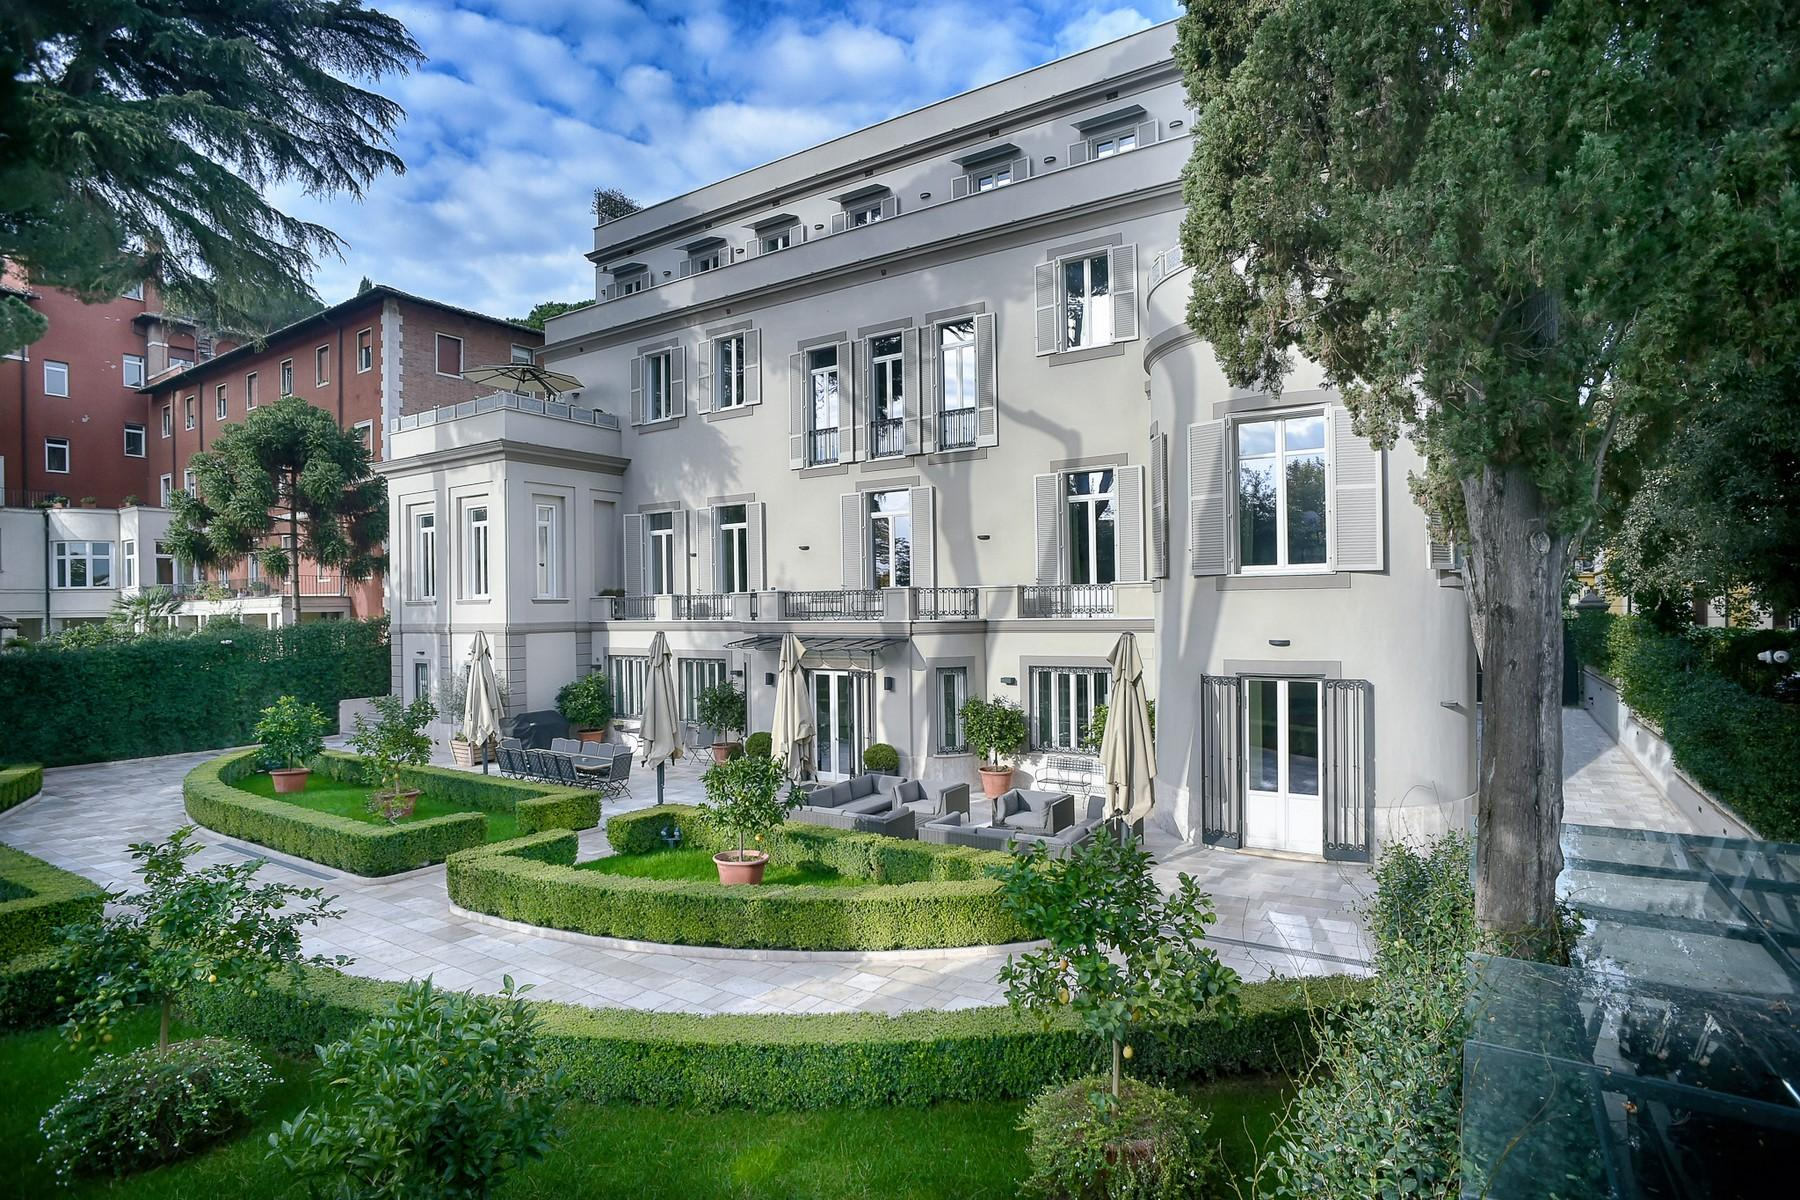 绿色罗马市中心内富有格调和风格的别墅 - 1